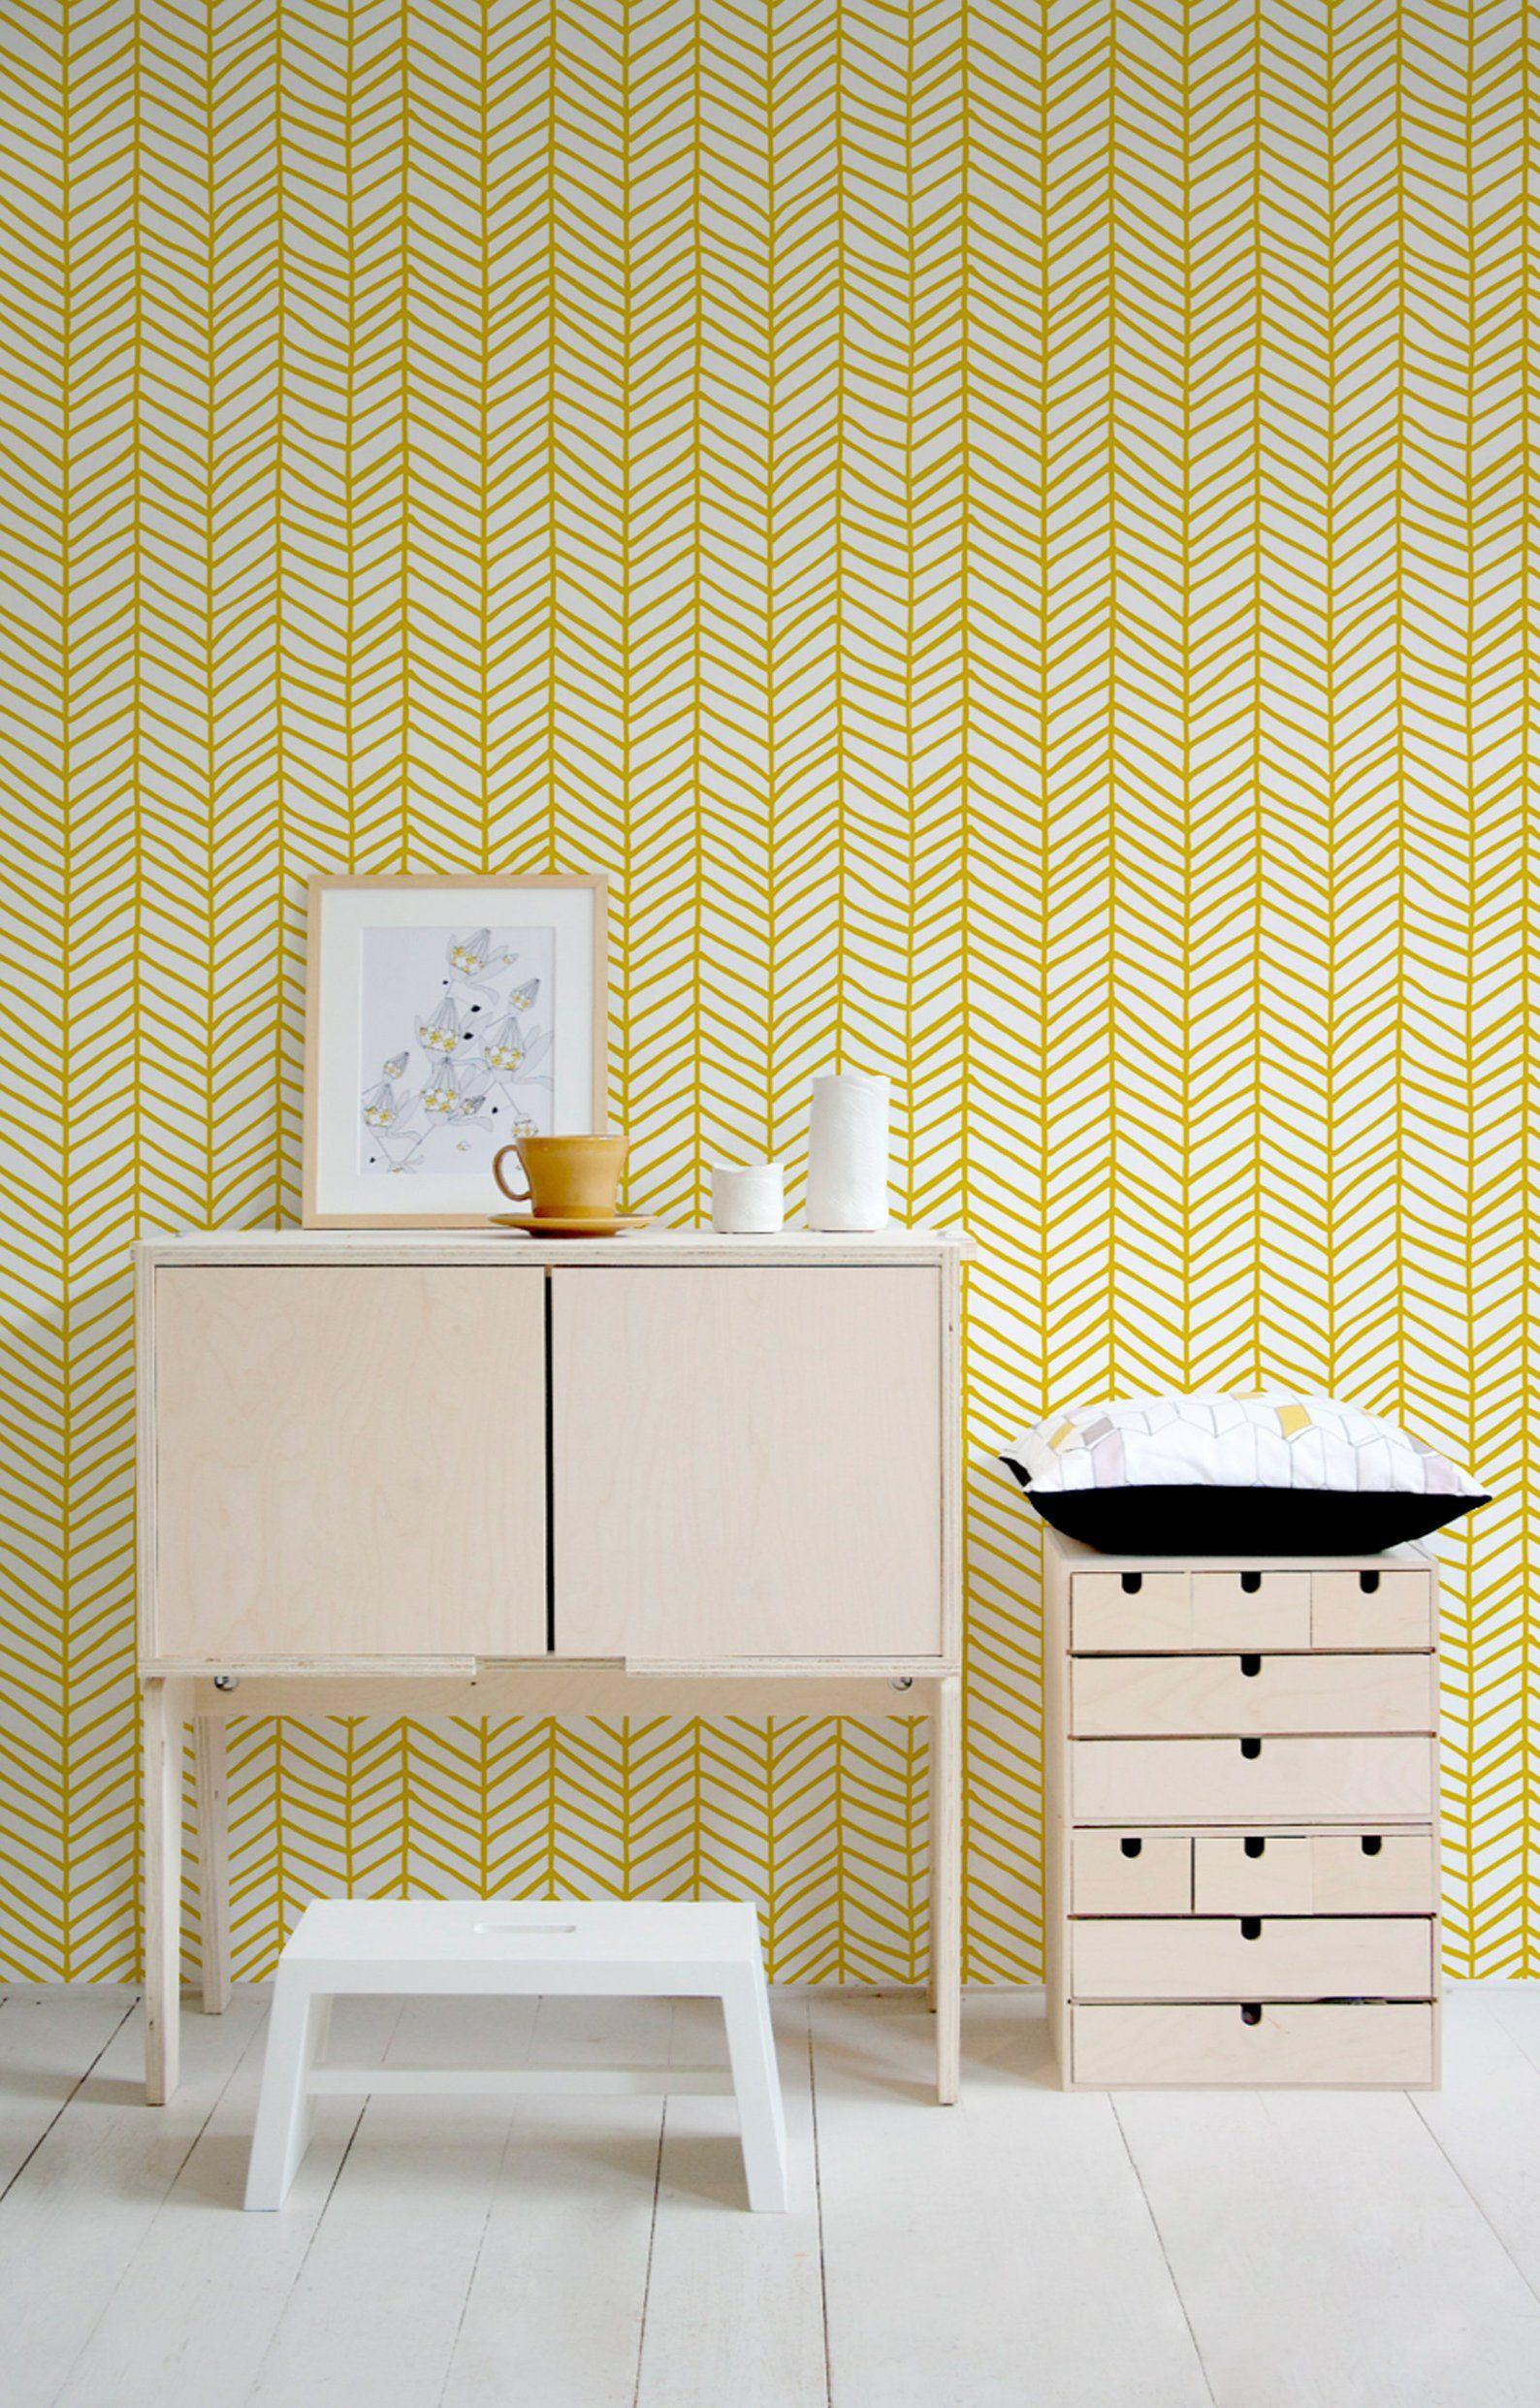 Chevron Wallpaper Removable Wallpaper Herringbone Wallpaper Etsy Herringbone Wallpaper Removable Wallpaper Chevron Wallpaper